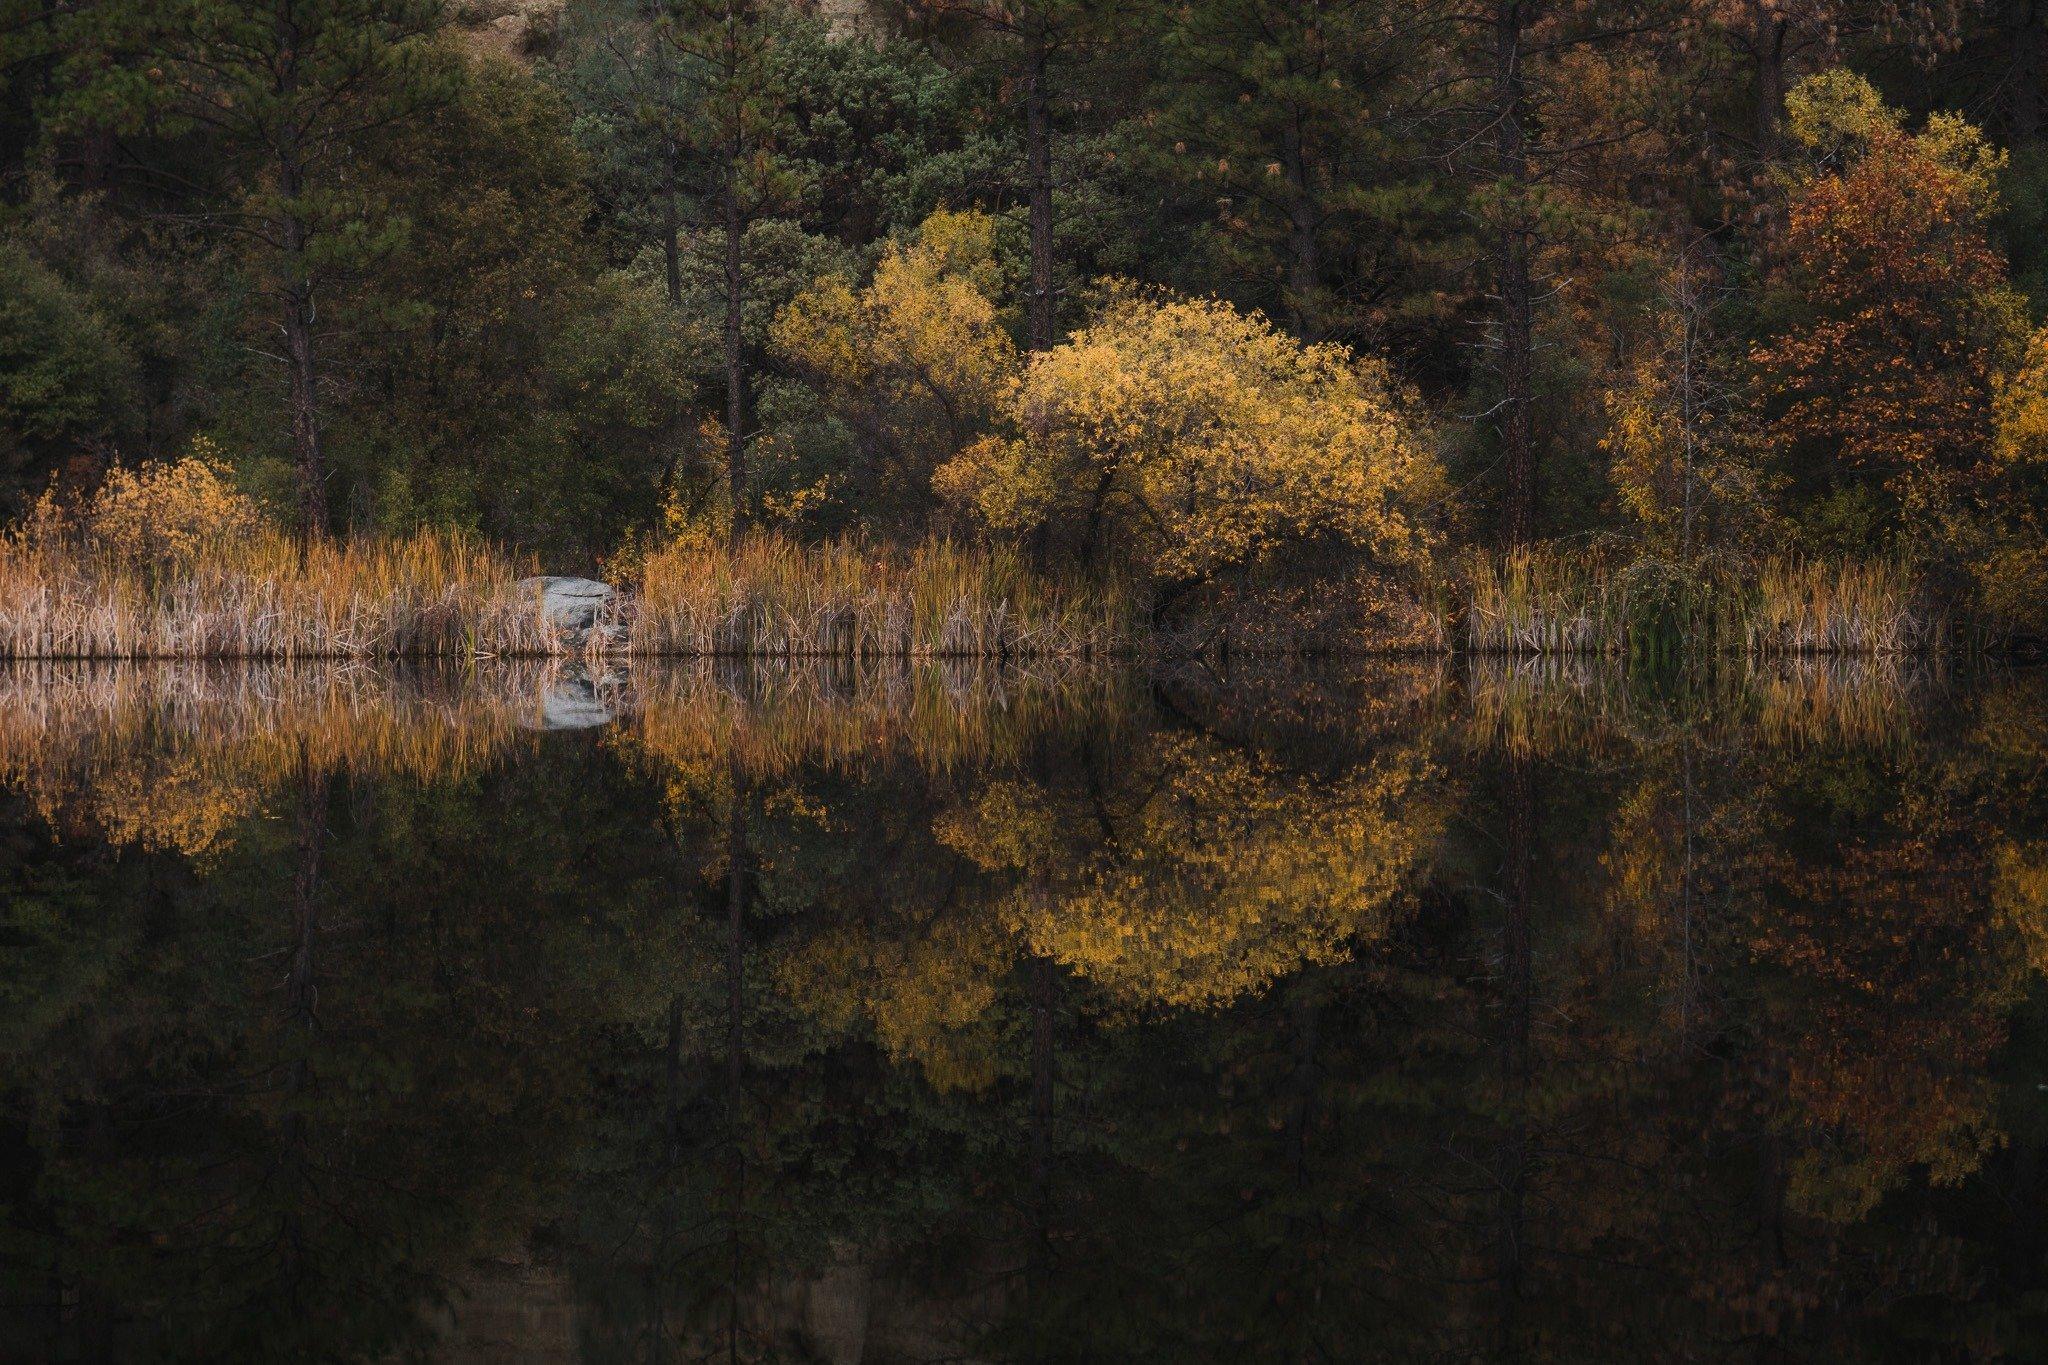 fall in California